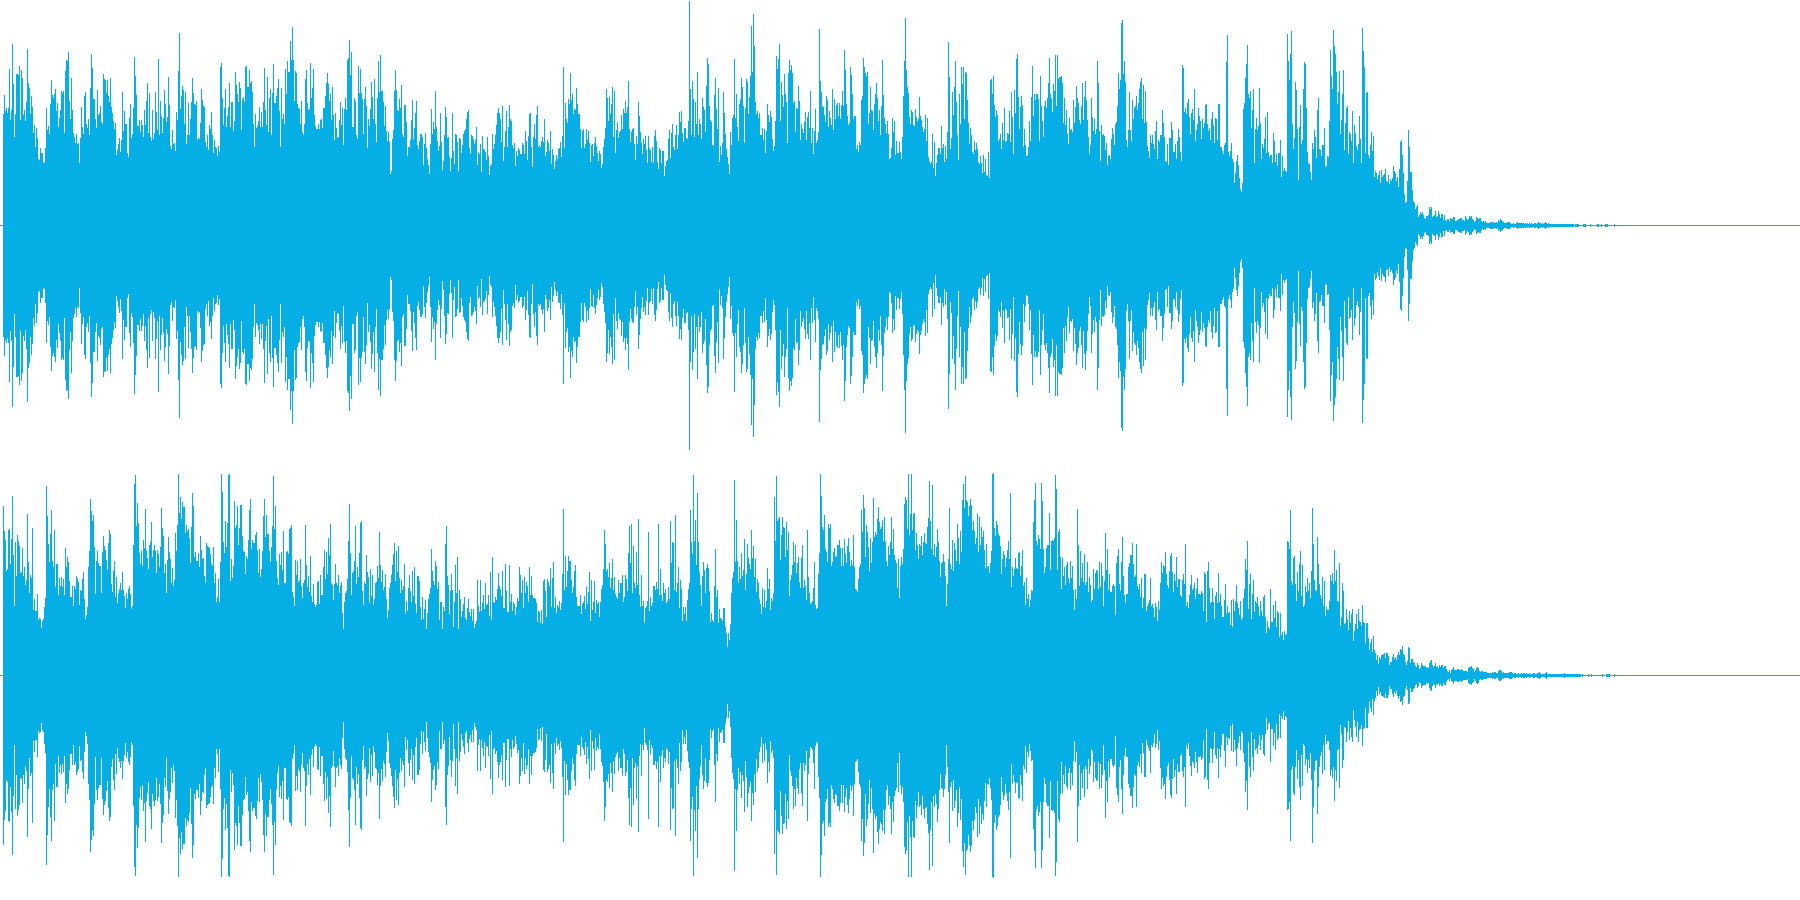 インド風シタールのサイバーなジングルの再生済みの波形